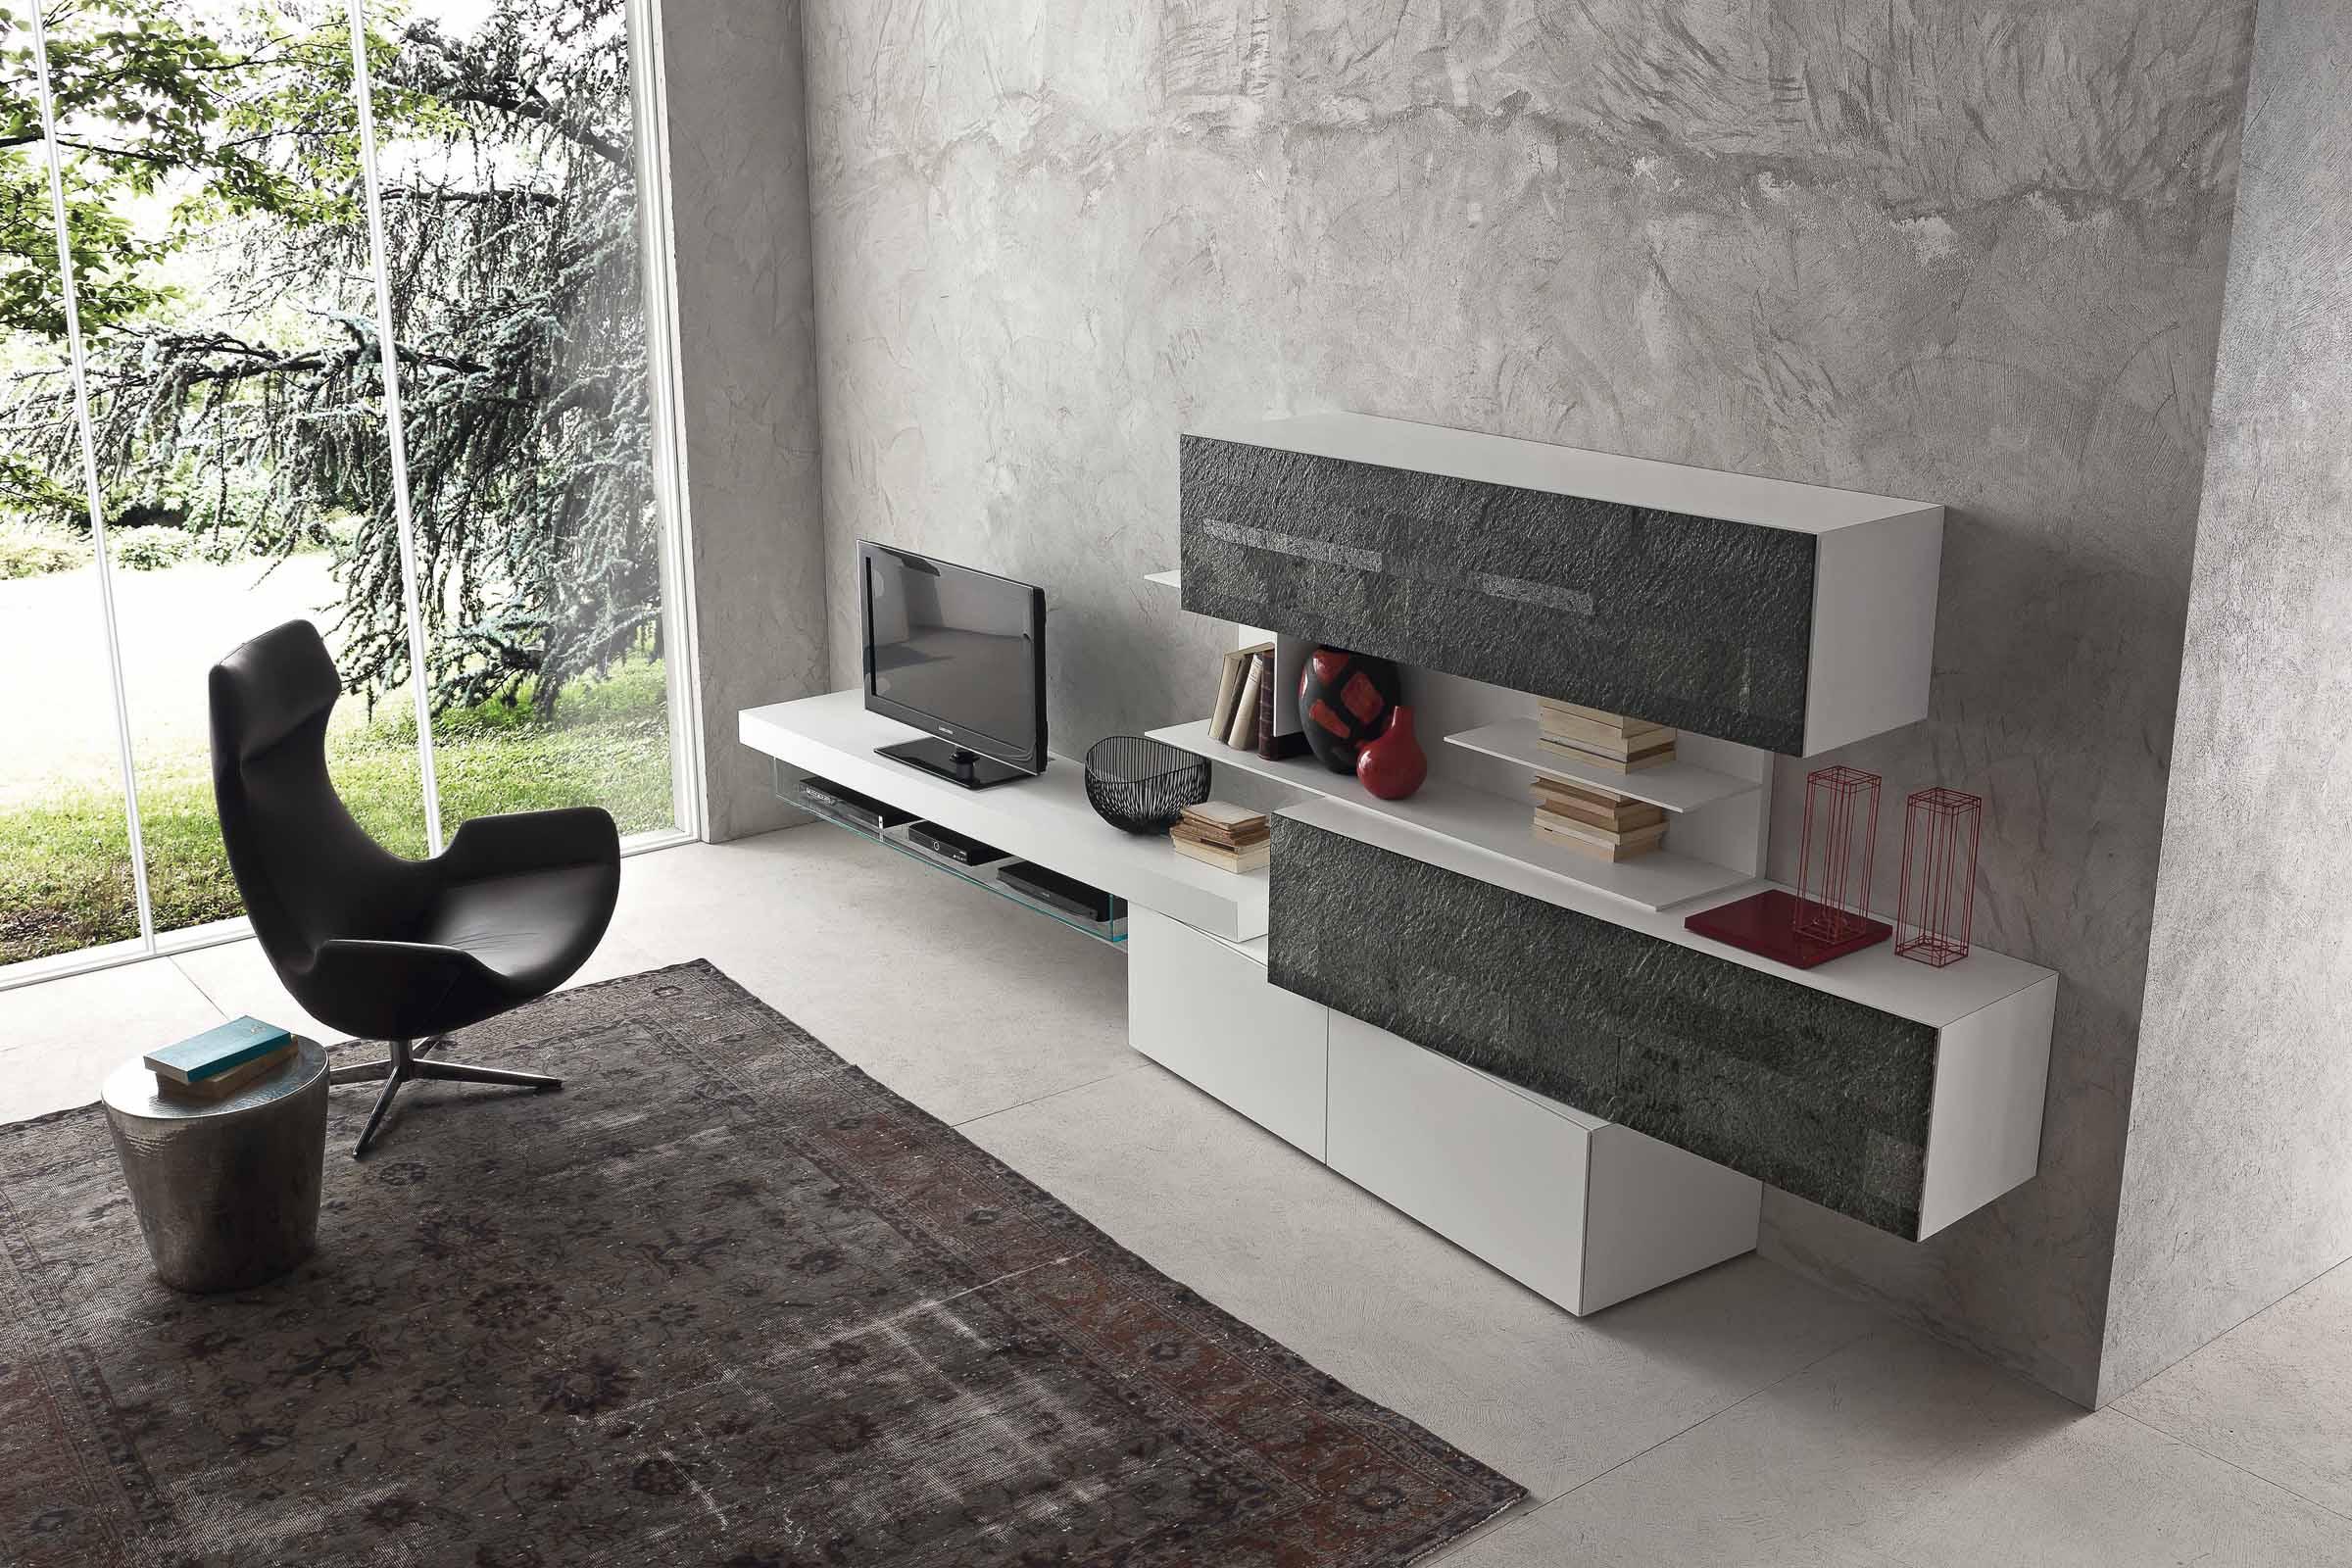 Emejing Soggiorni Originali Images - Amazing Design Ideas 2018 ...